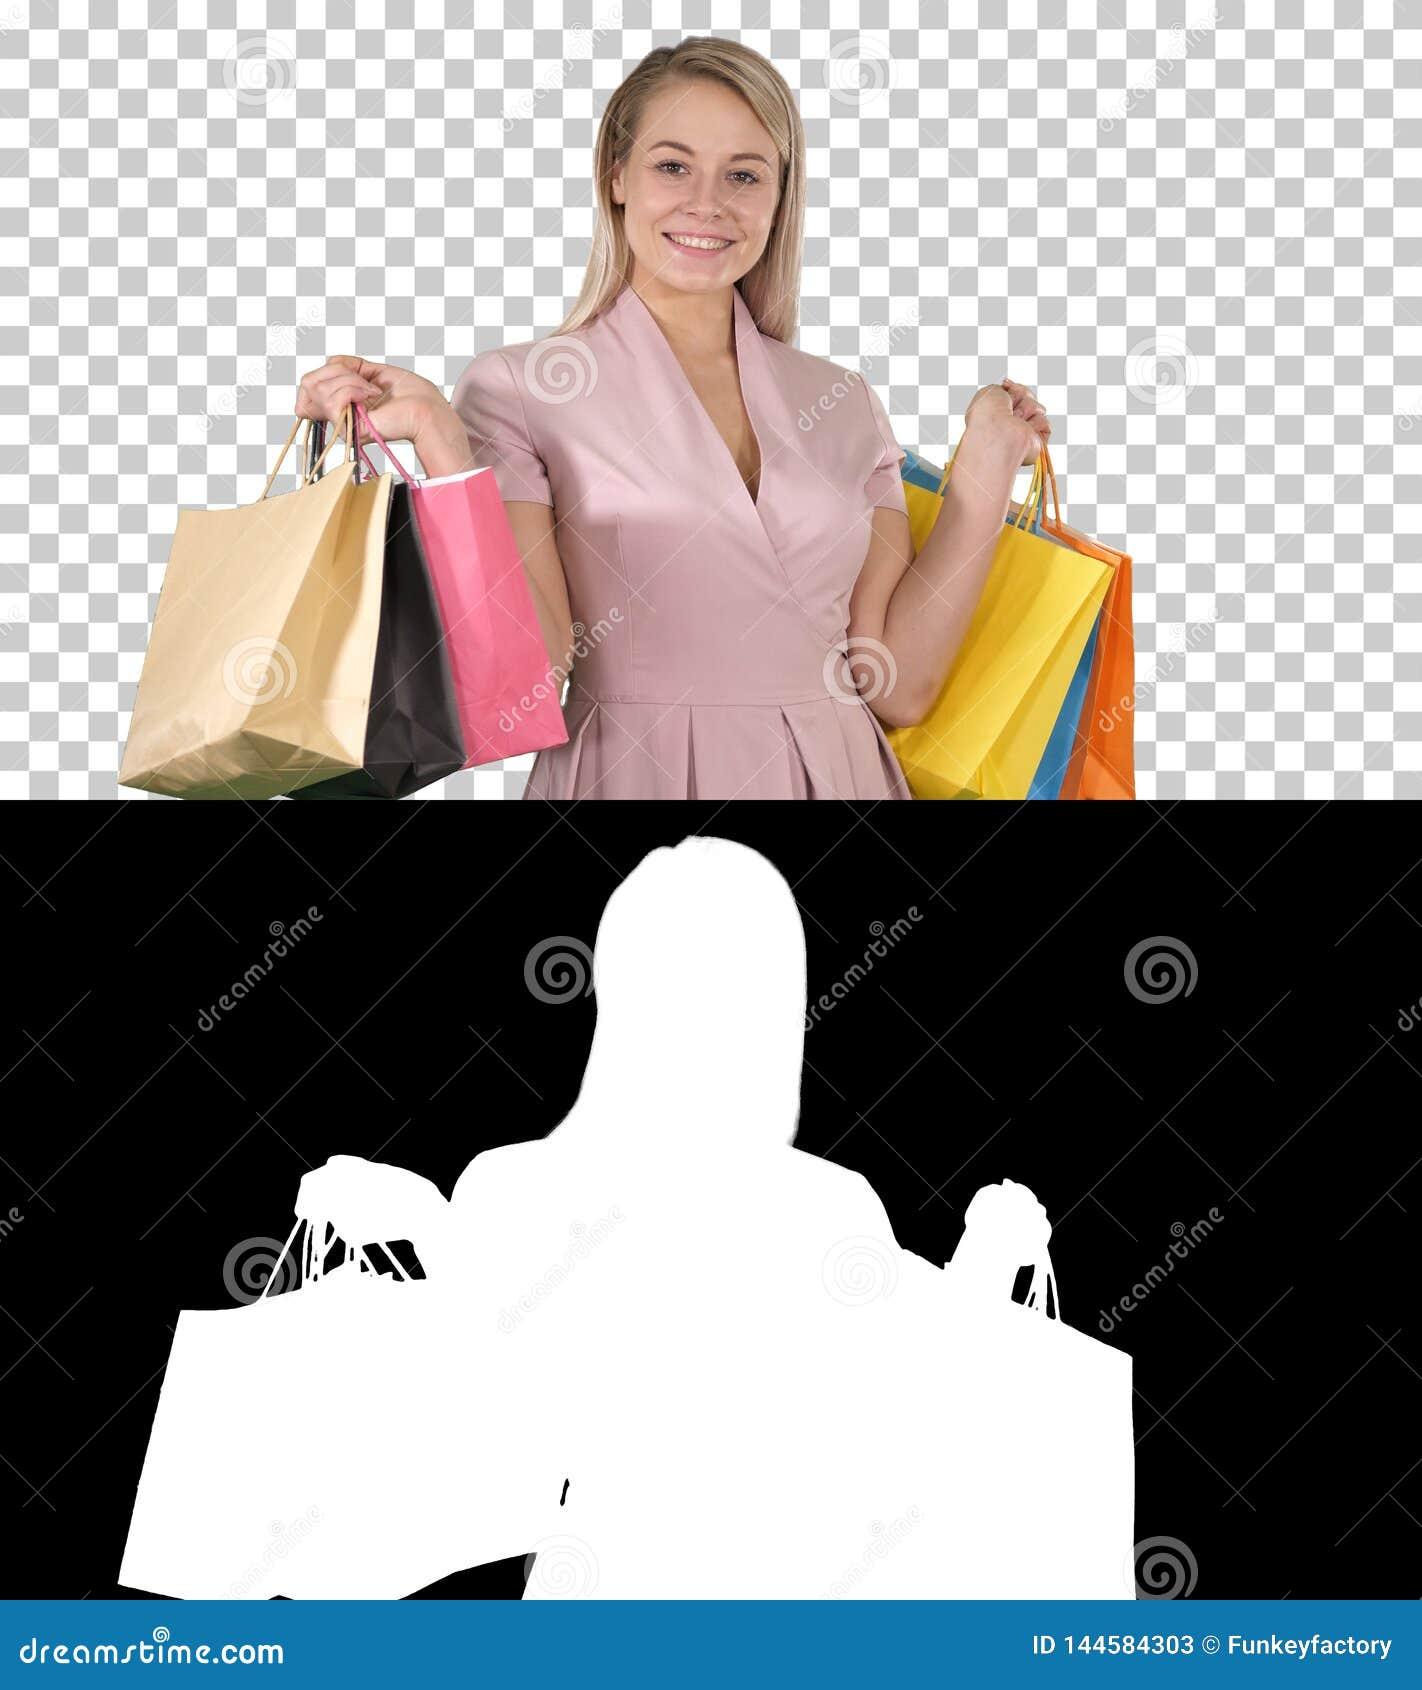 Señora joven bonita emocionada que se coloca de mirada de la cámara que muestra los bolsos de compras, Alpha Channel